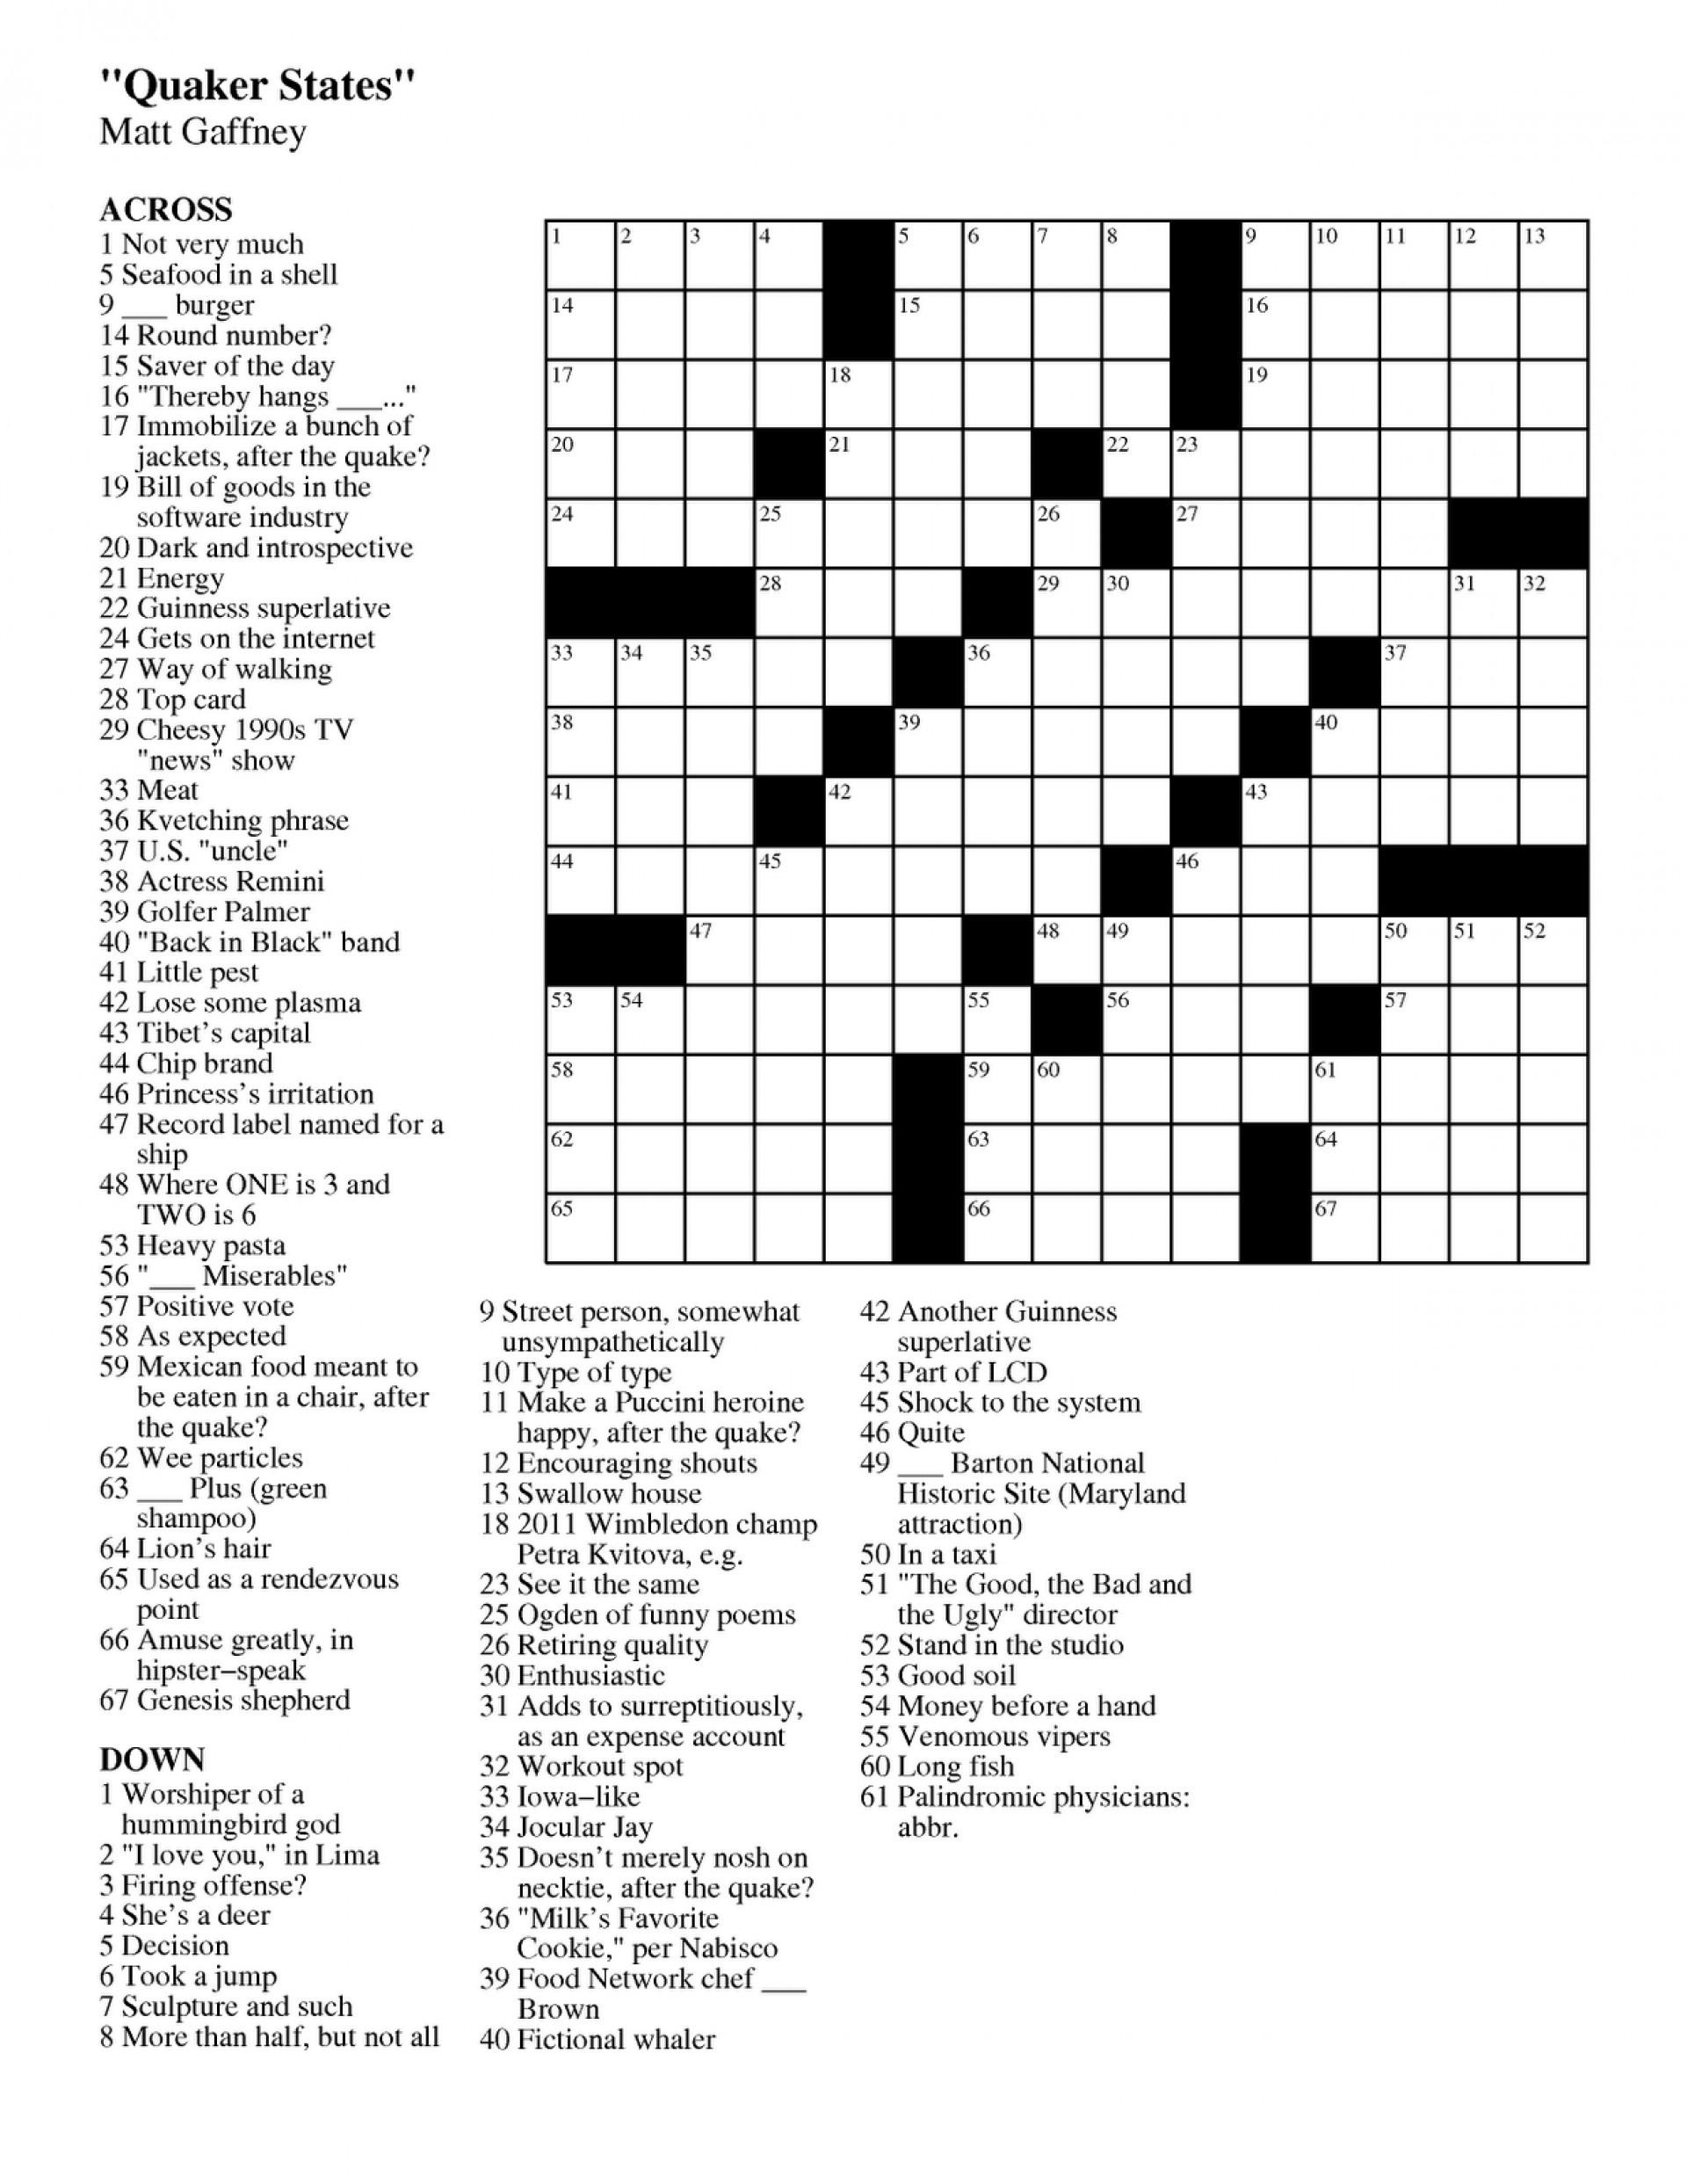 Beekeeper Crosswords In Middle School Easy Crossword Puzzles - Printable Crossword Middle School